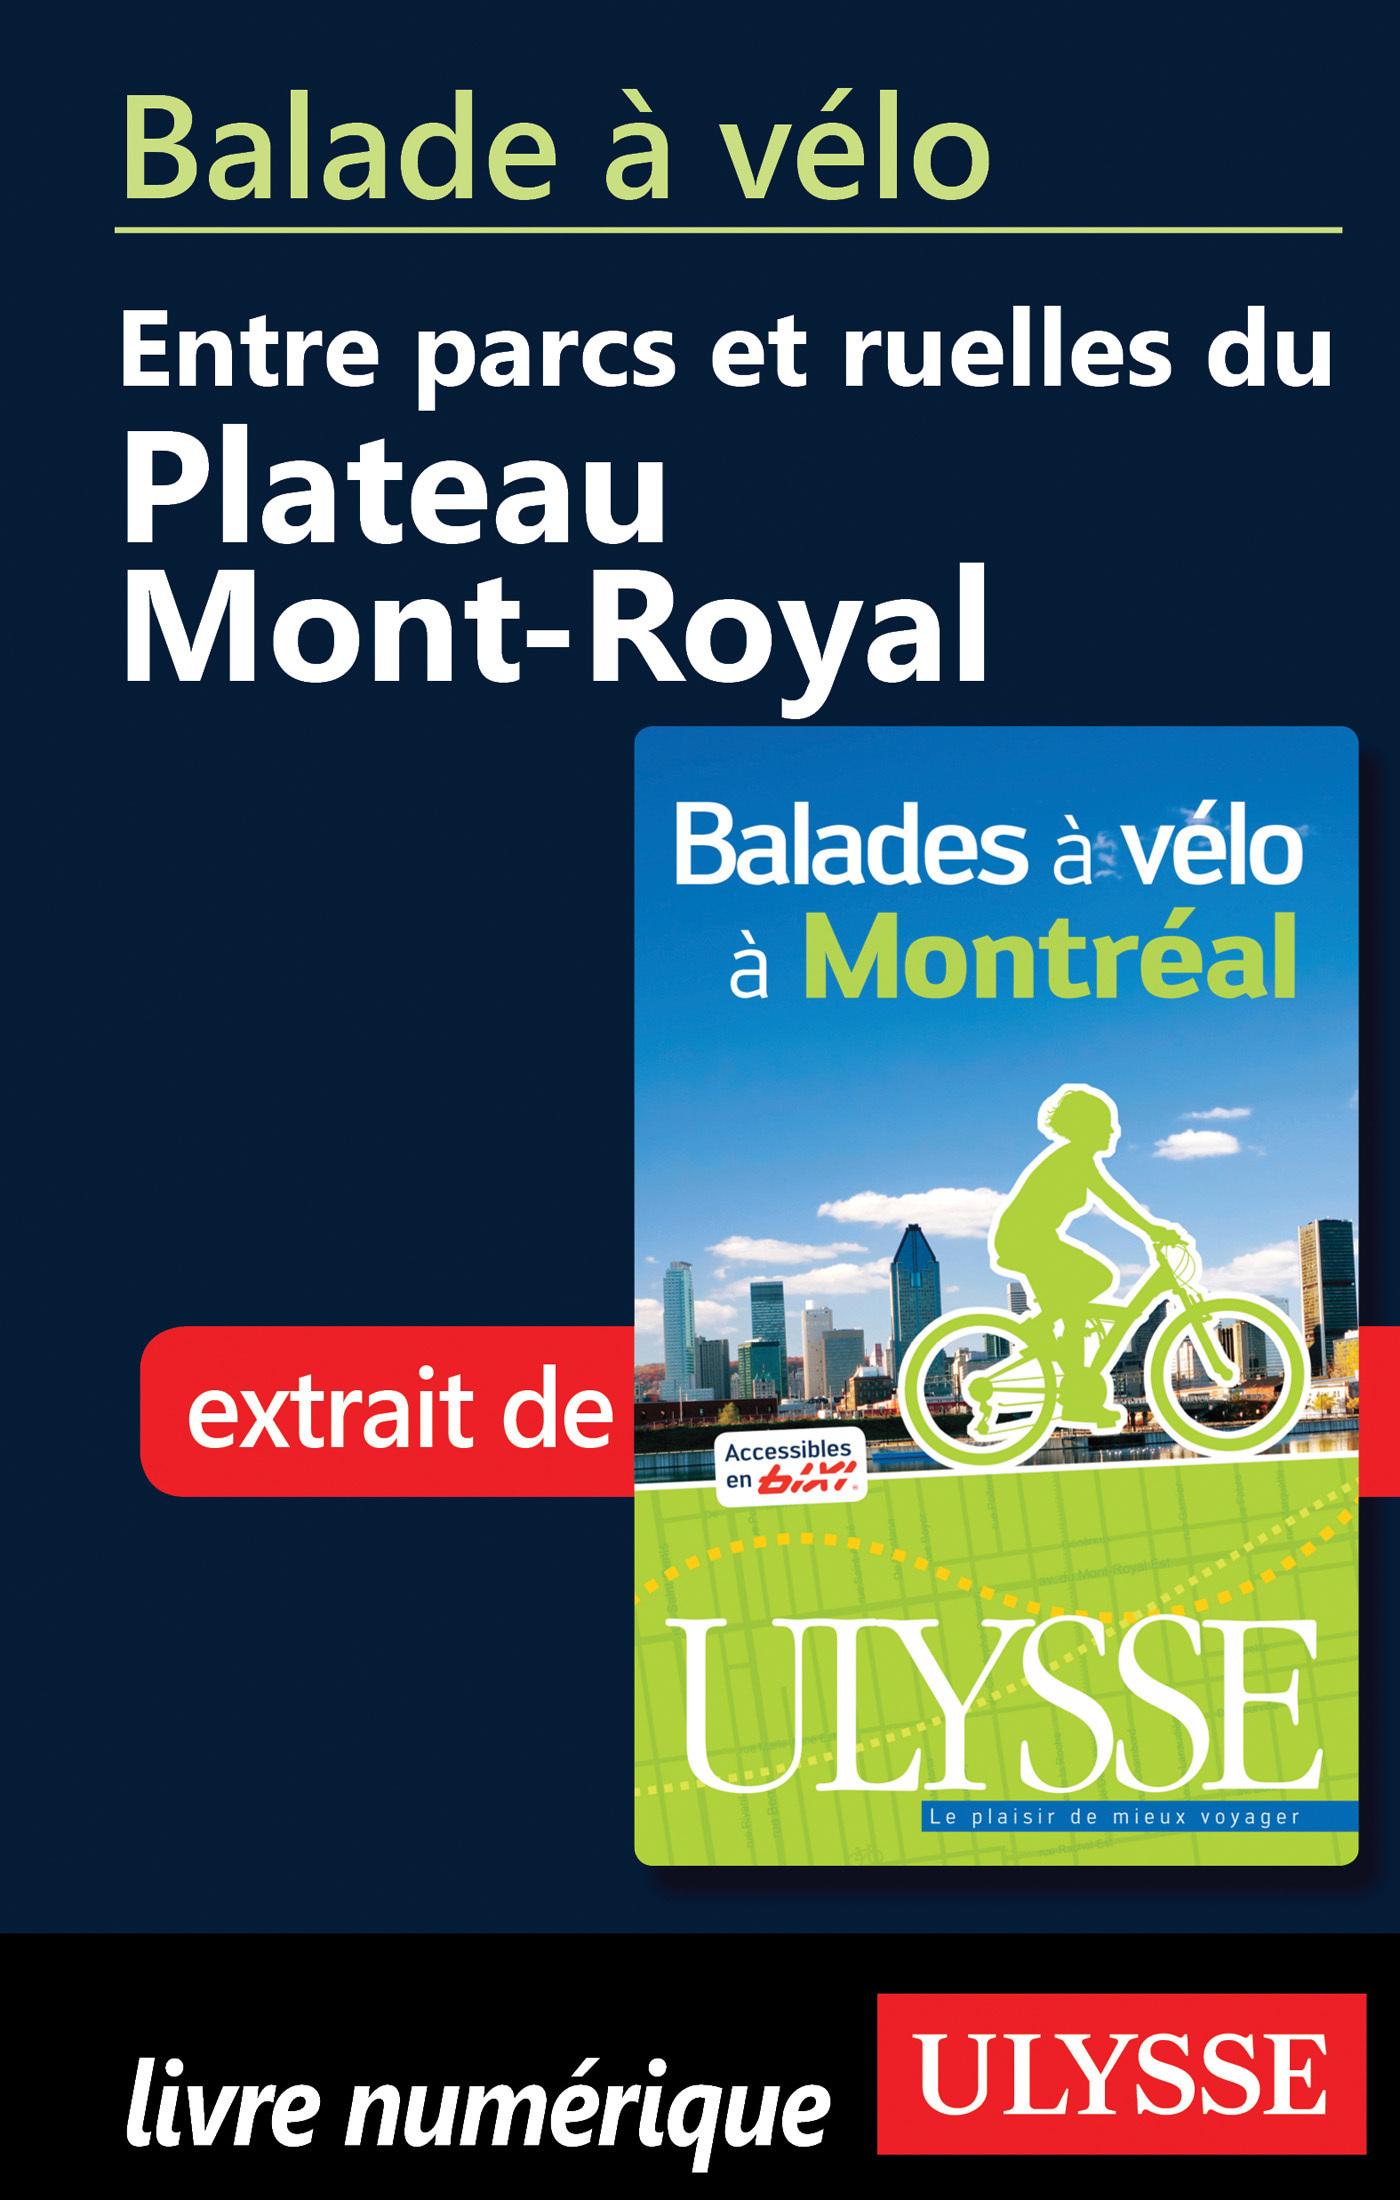 Balade à vélo entre parcs et ruelles du plateau Mont Royal